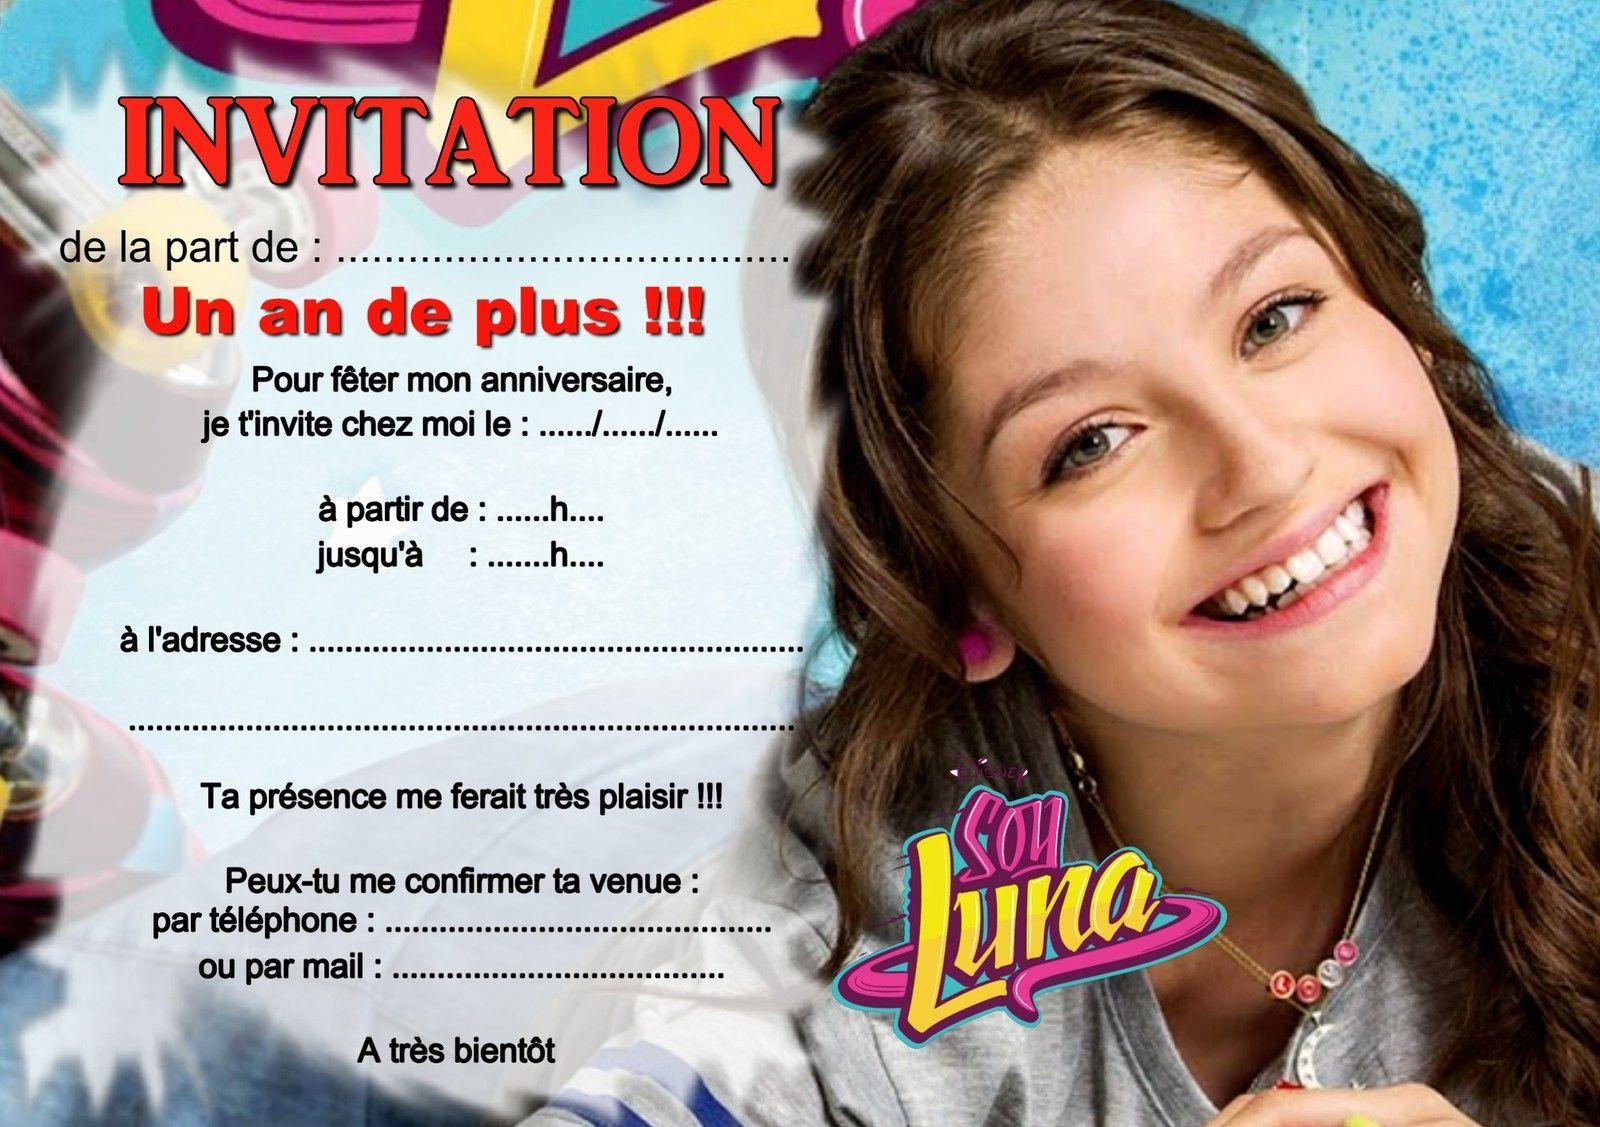 5ba6d3dd846e2 5 ou 12 cartes invitation anniversaire soy luna REF 361 FOR SALE • EUR 2,